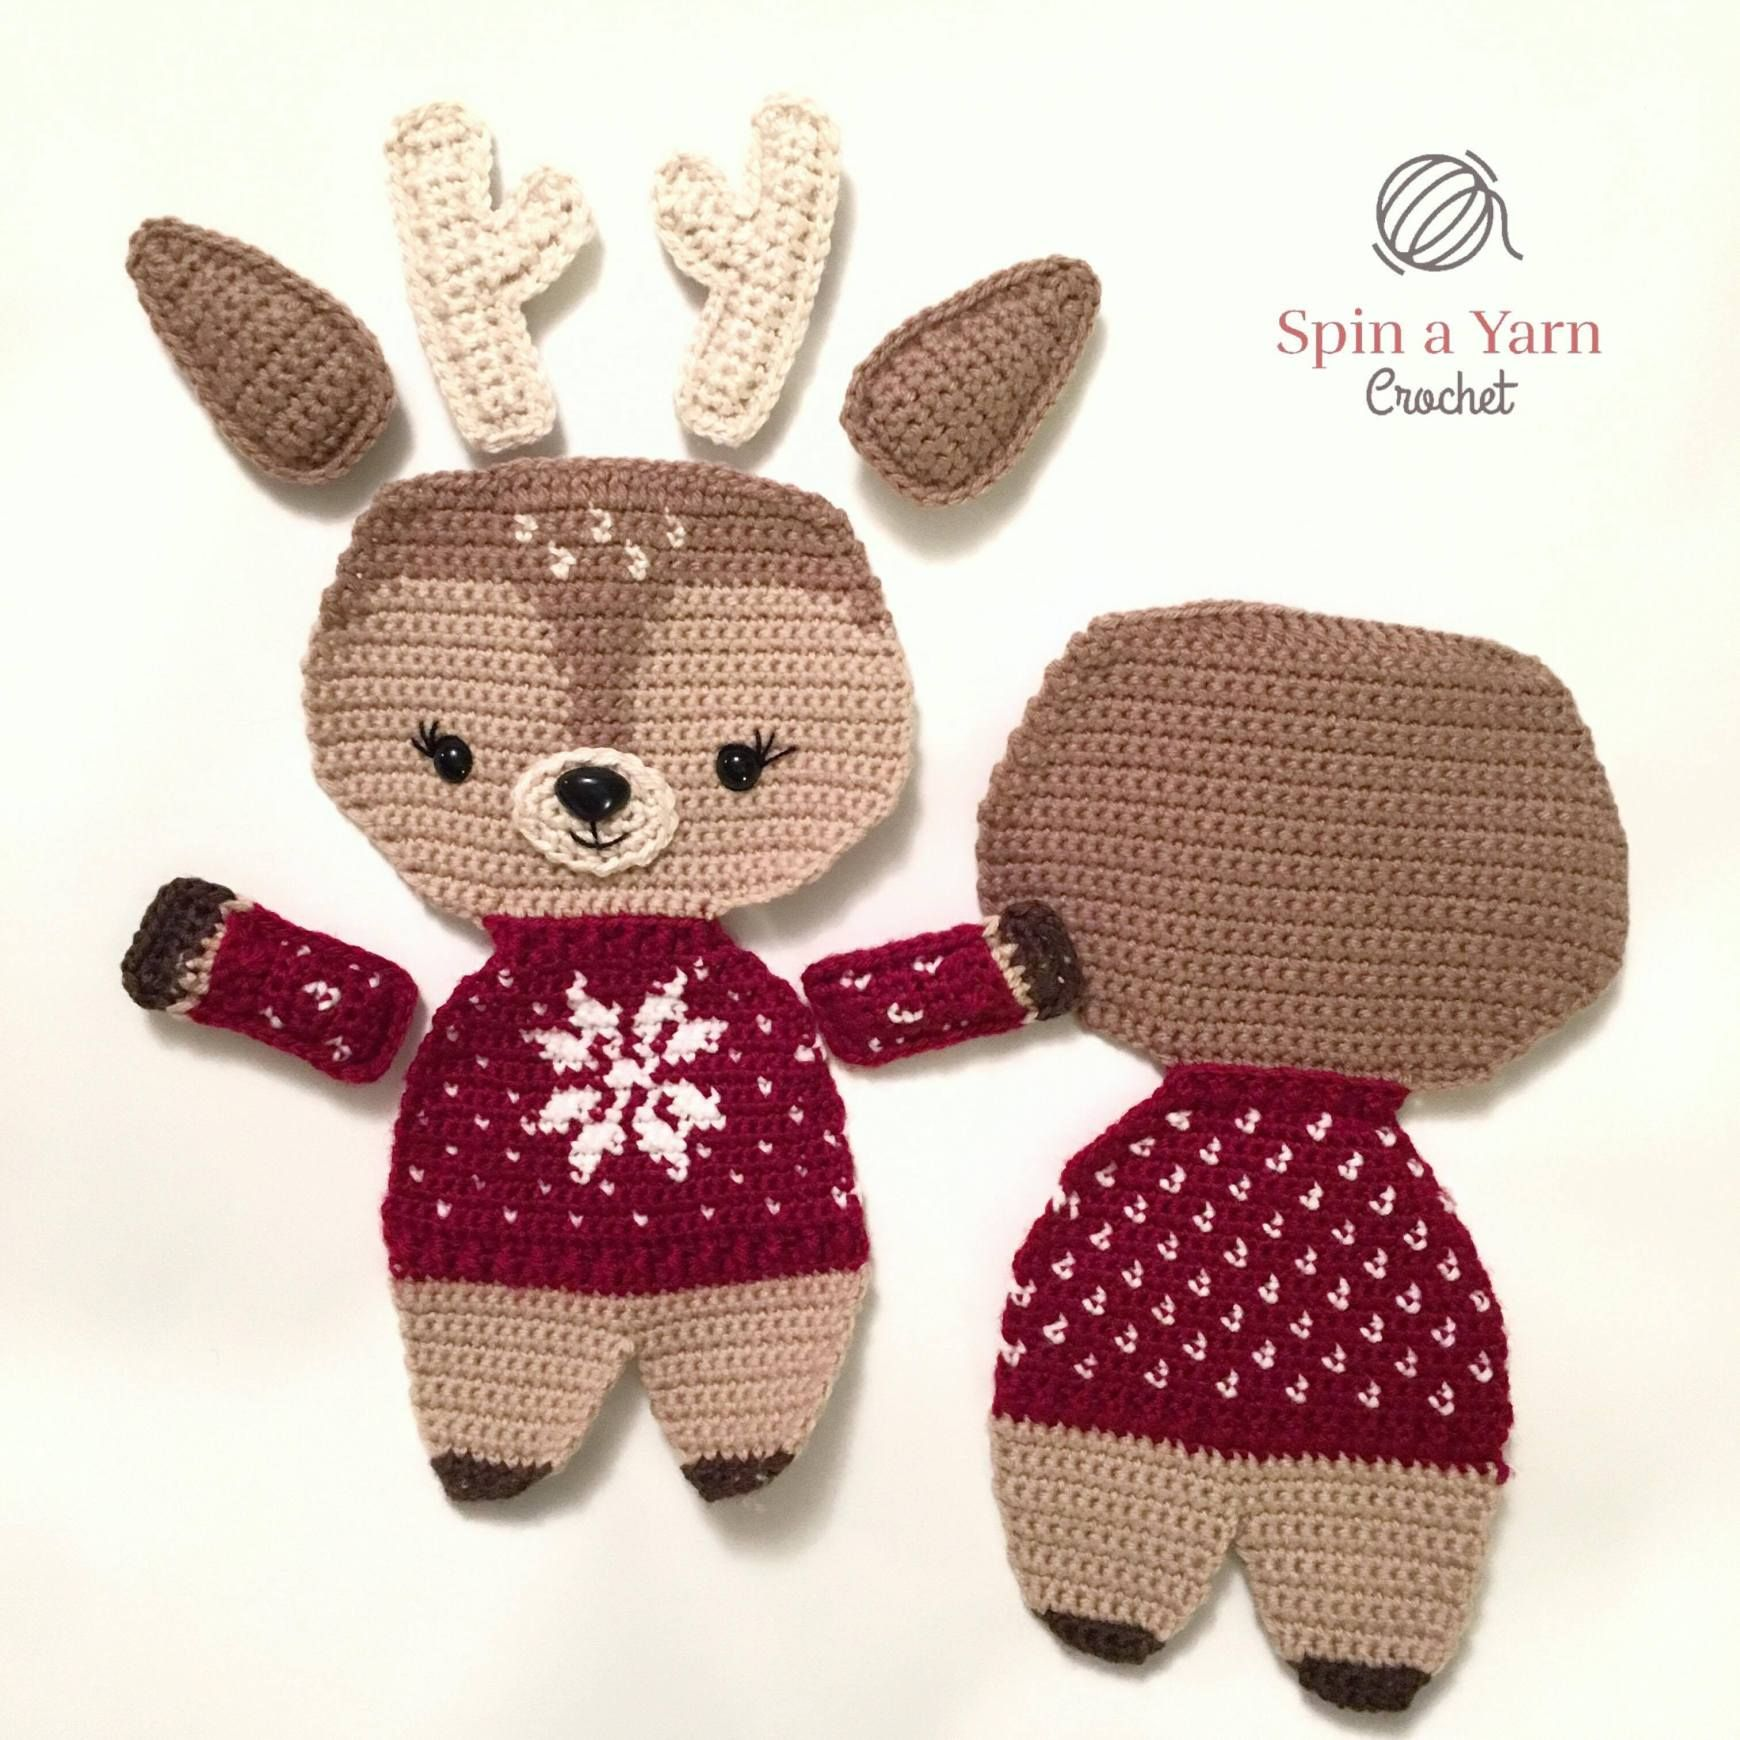 Tutorial Árbol de Navidad de Crochet - Misslanitas - YouTube | 1740x1740